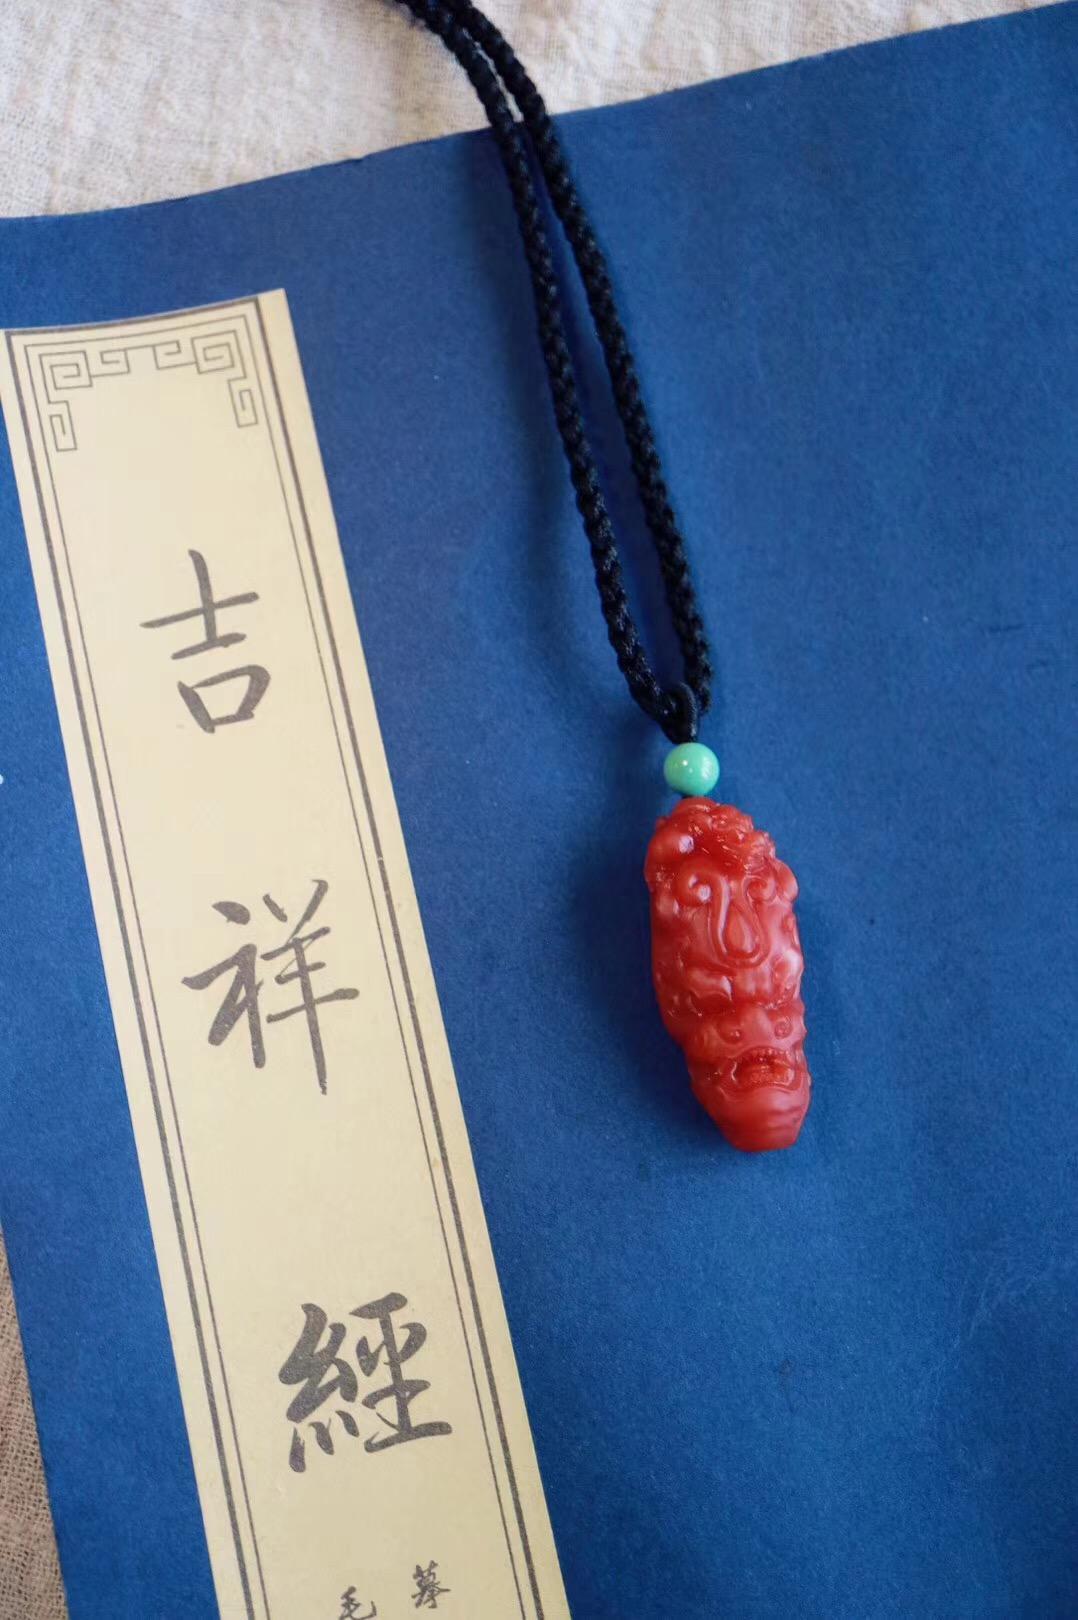 【菩心 | 保山南红貔貅吊坠】有一件经典之作,于细微处见真功夫-菩心晶舍